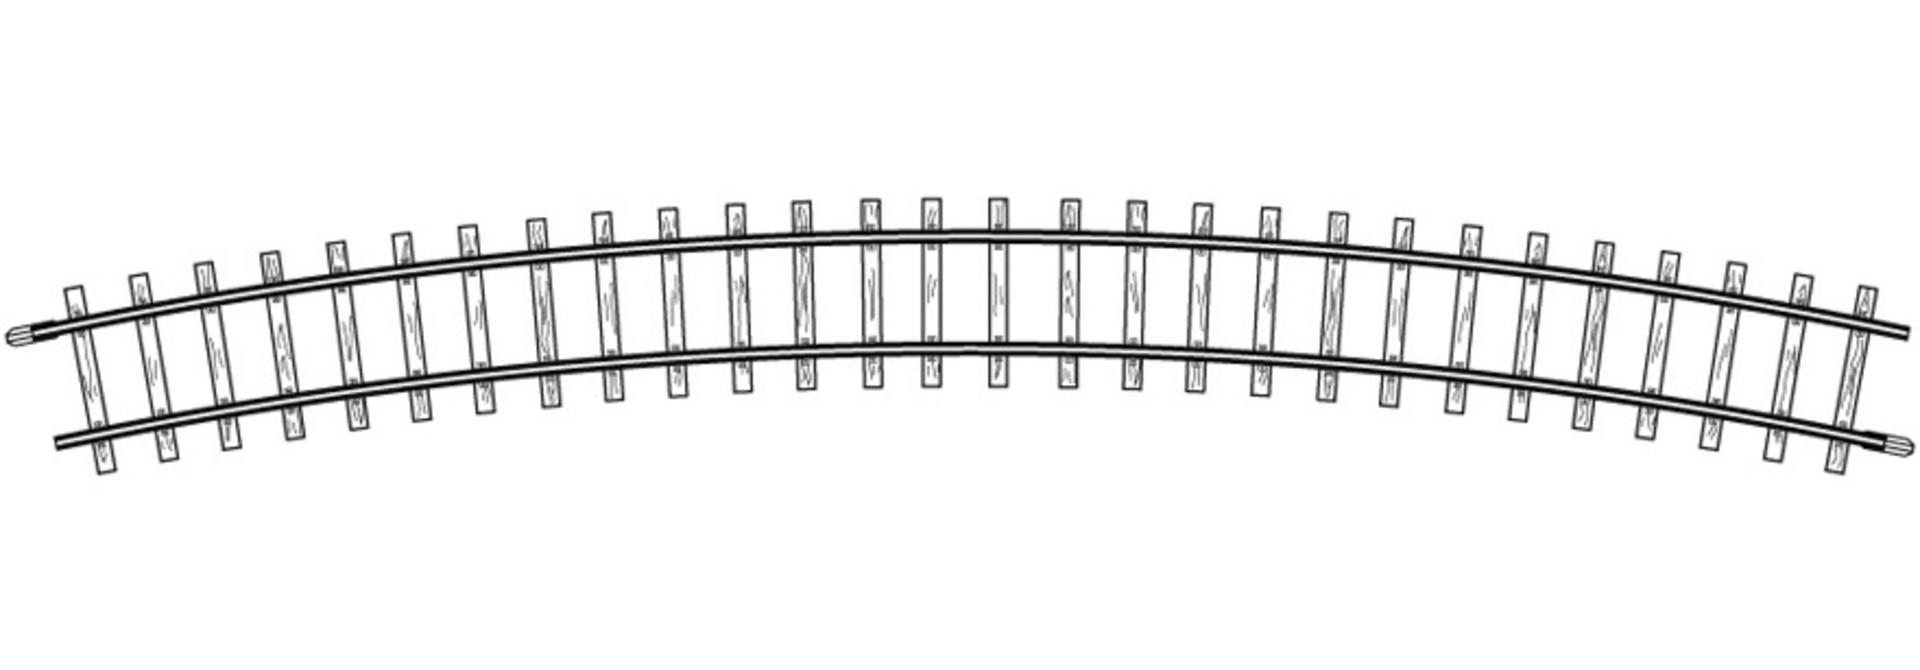 4276000 H0m gebogenes Gleis, R 515 mm, 24°, VPE 10 Stck.